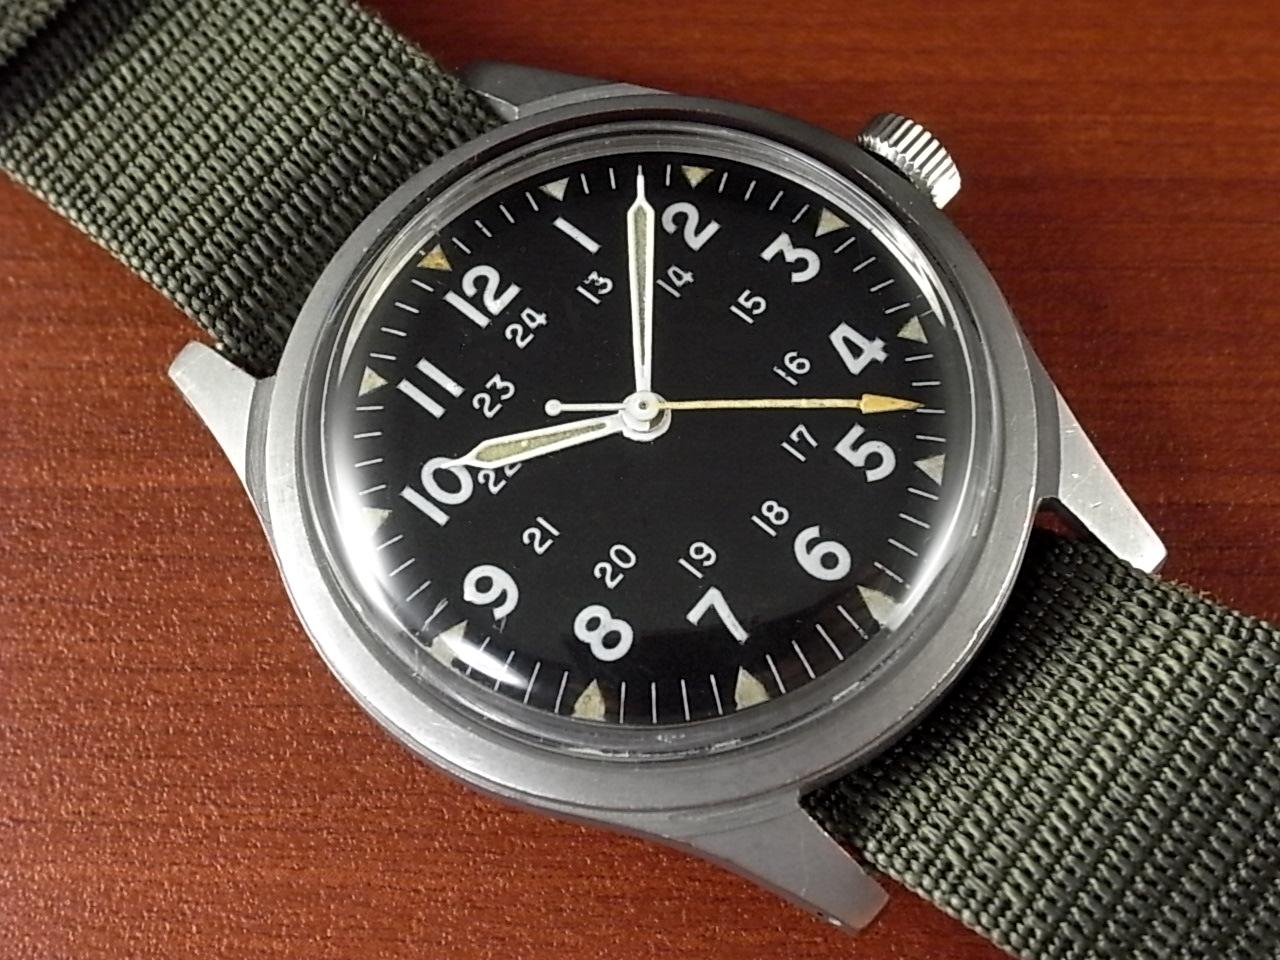 ベンラス 米軍 MIL-W-3818B ベトナム戦争 1960年代のメイン写真